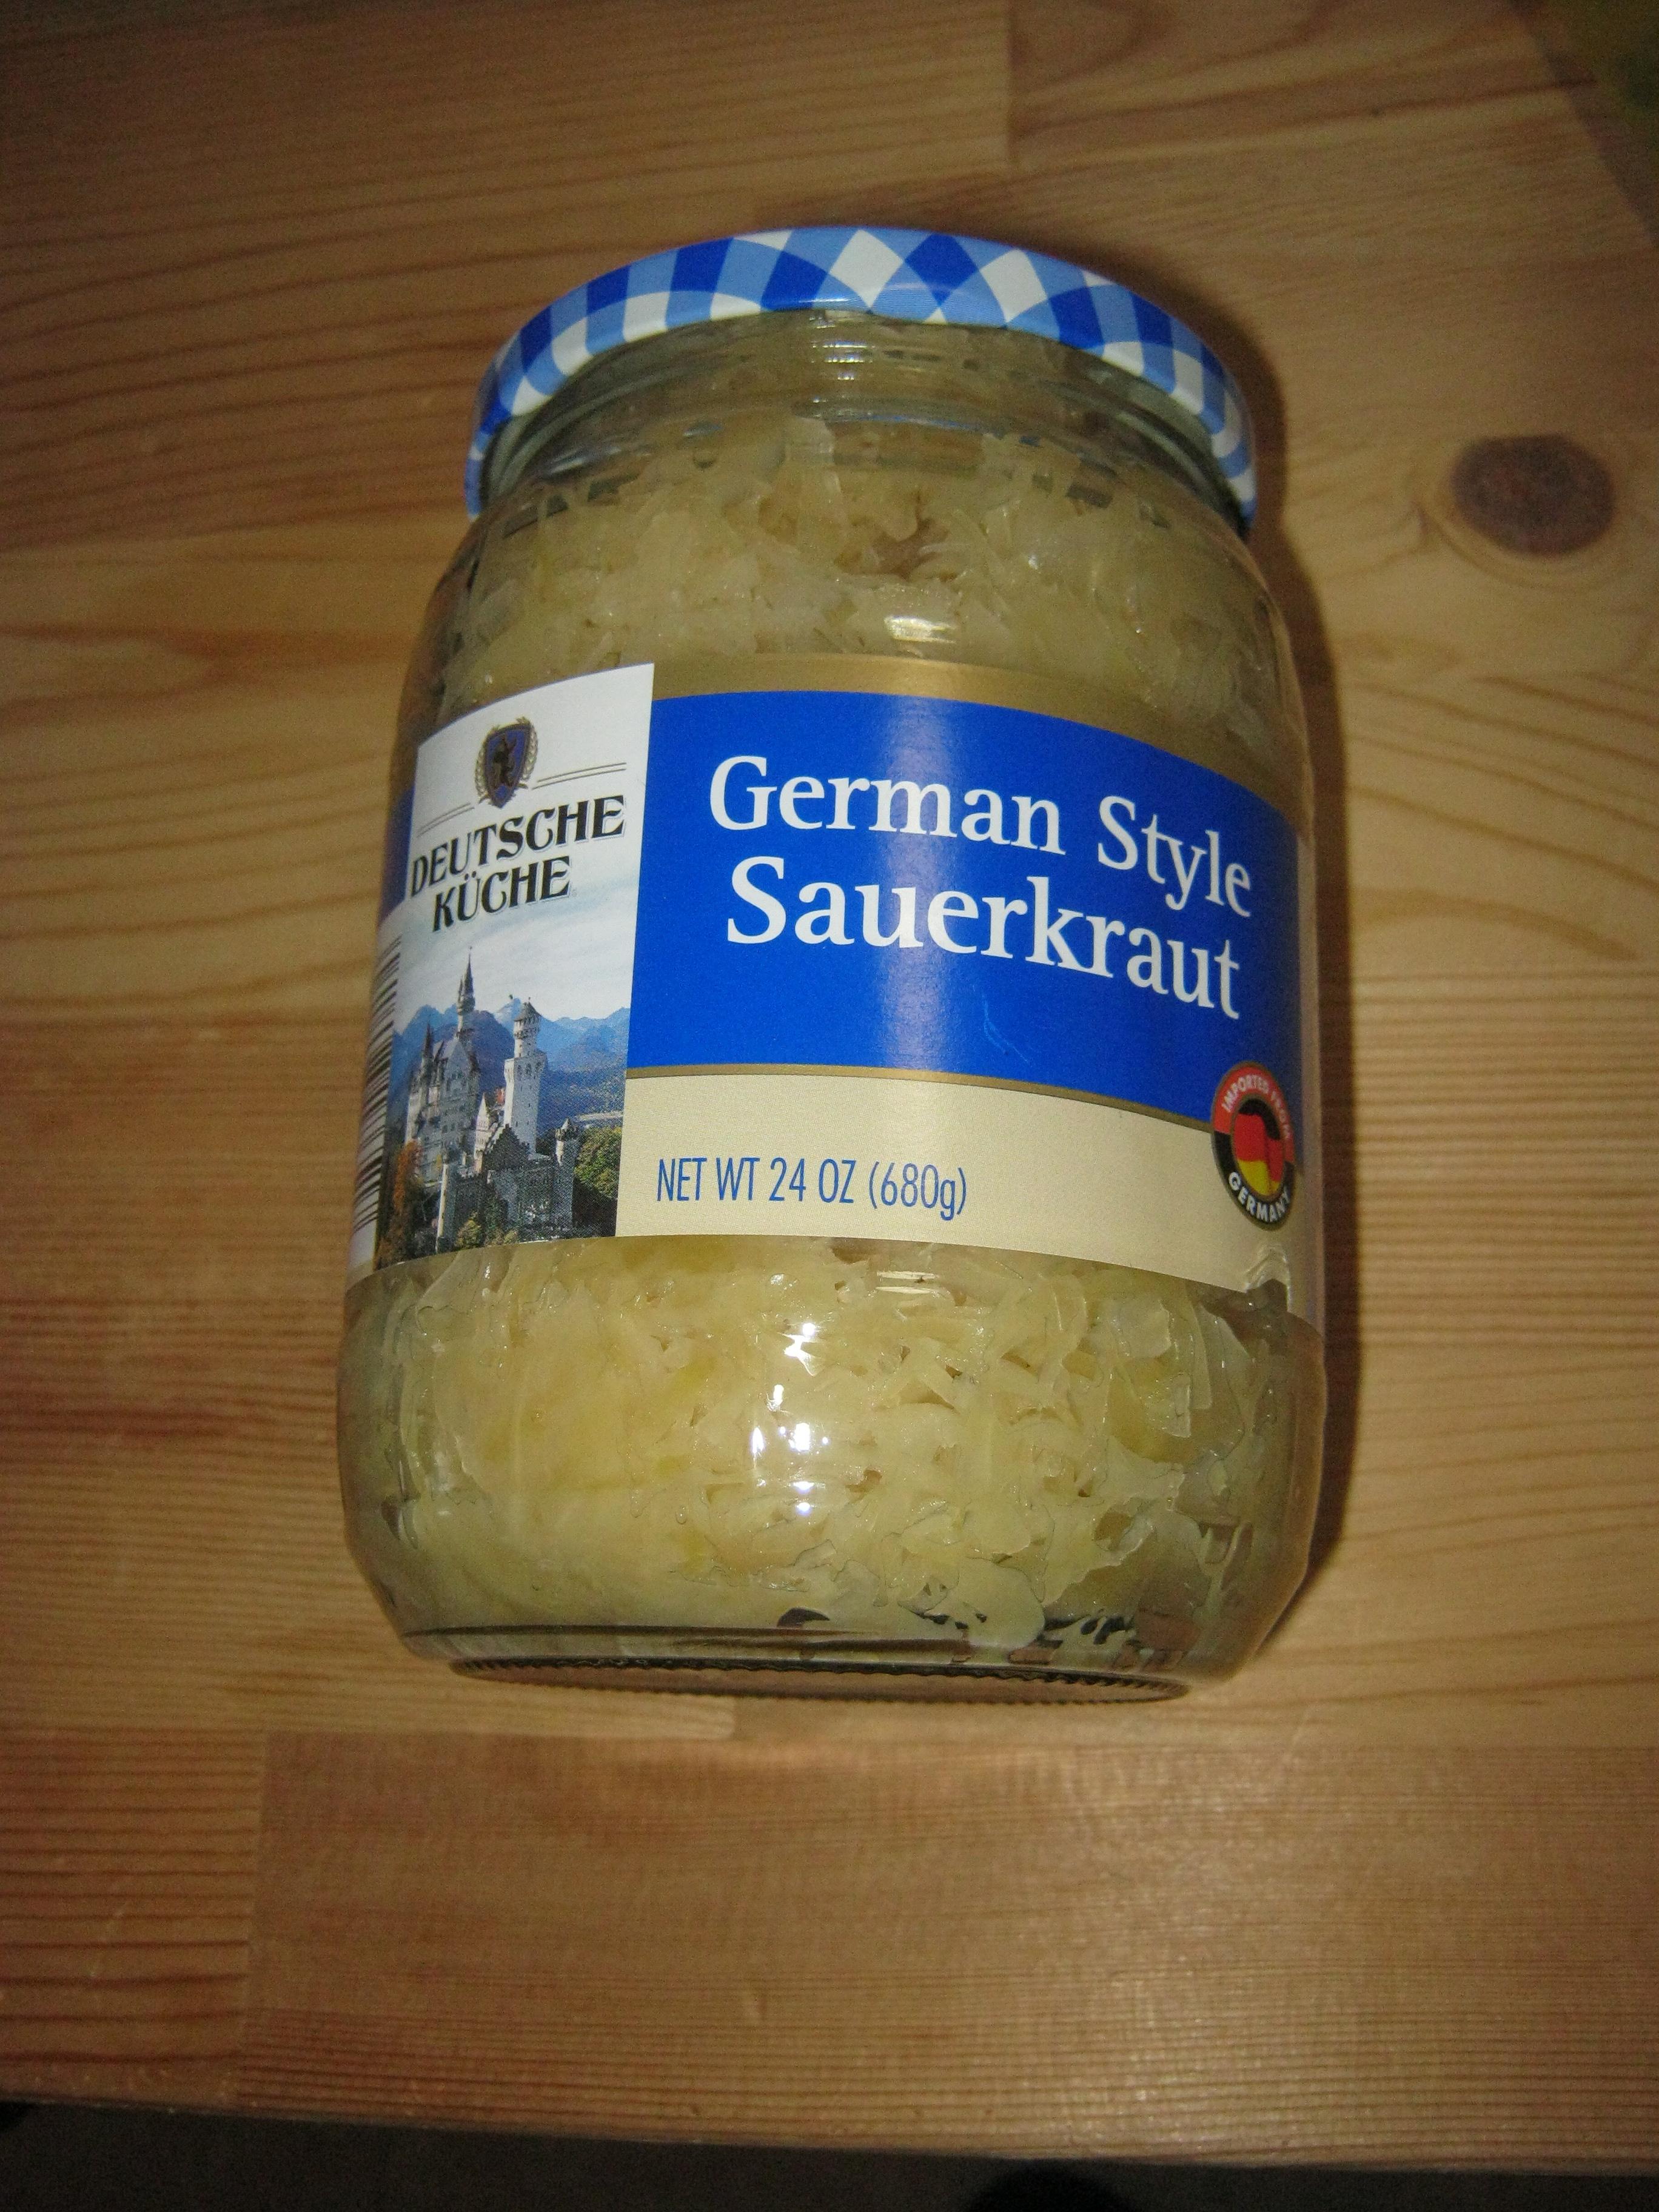 german sauerkraut brands - photo #10